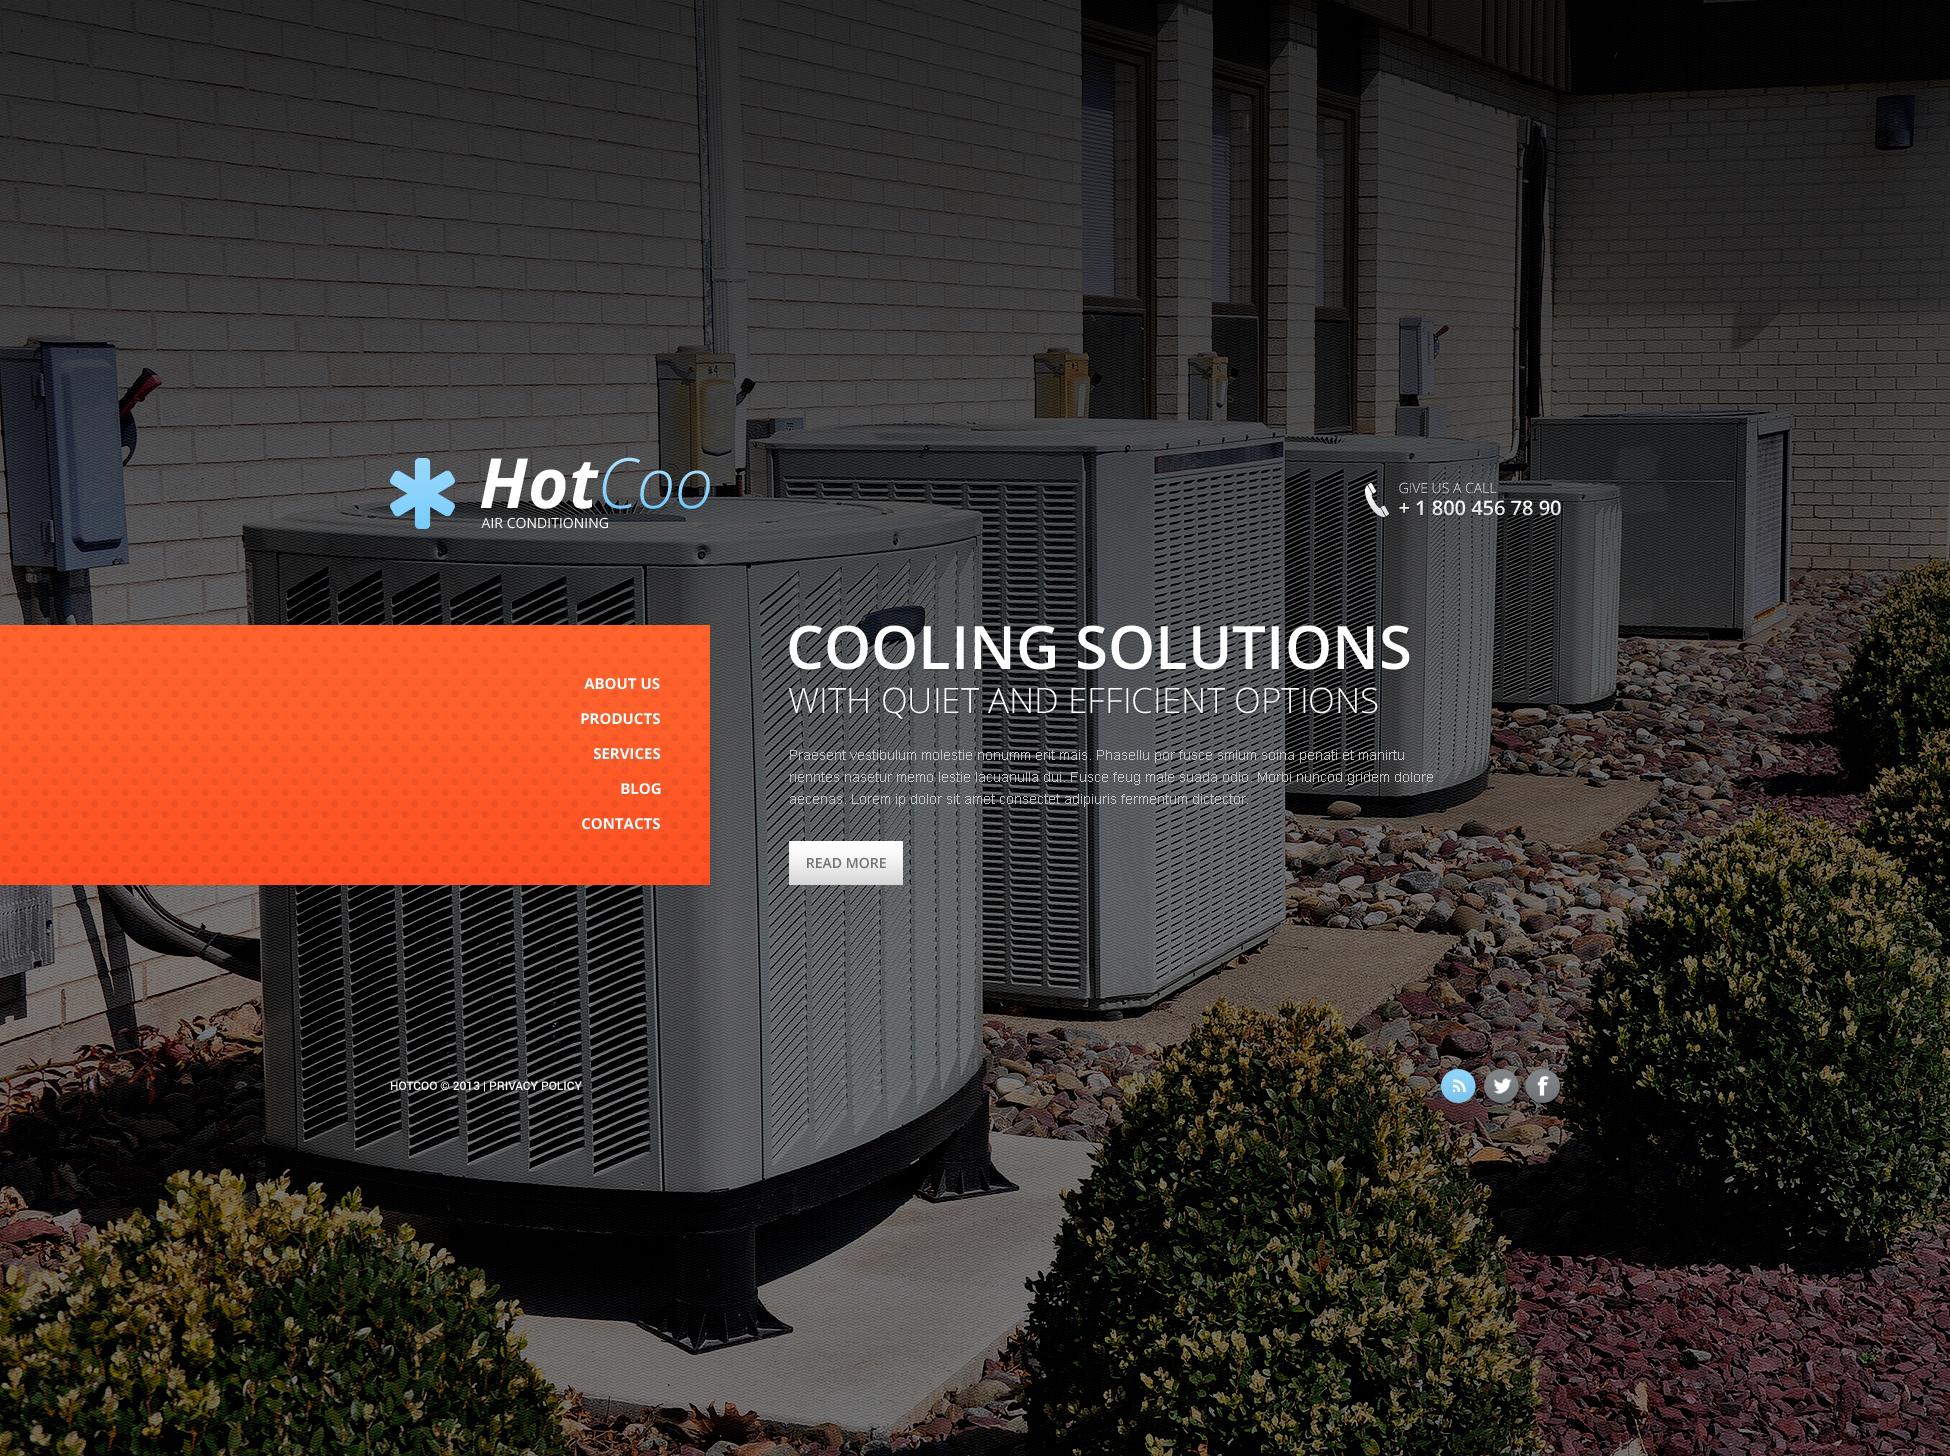 Bootstrap szablon strony www #46184 na temat: klimatyzacja